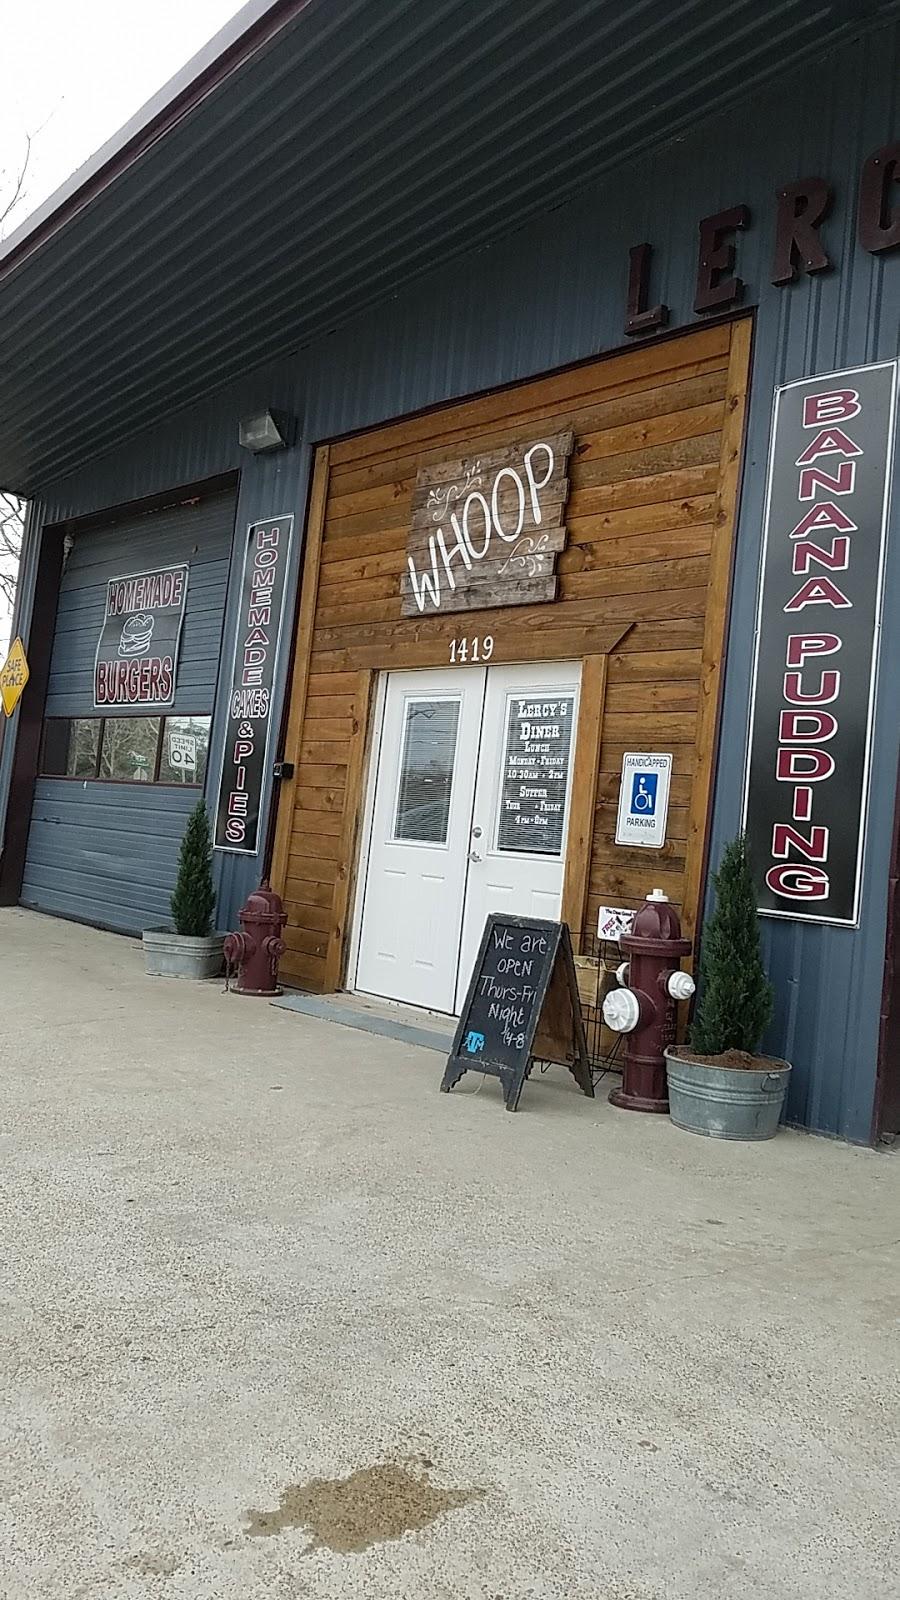 Lercys Diner West - restaurant    Photo 3 of 10   Address: 1419 N Main St, Mont Belvieu, TX 77520, USA   Phone: (281) 576-6975